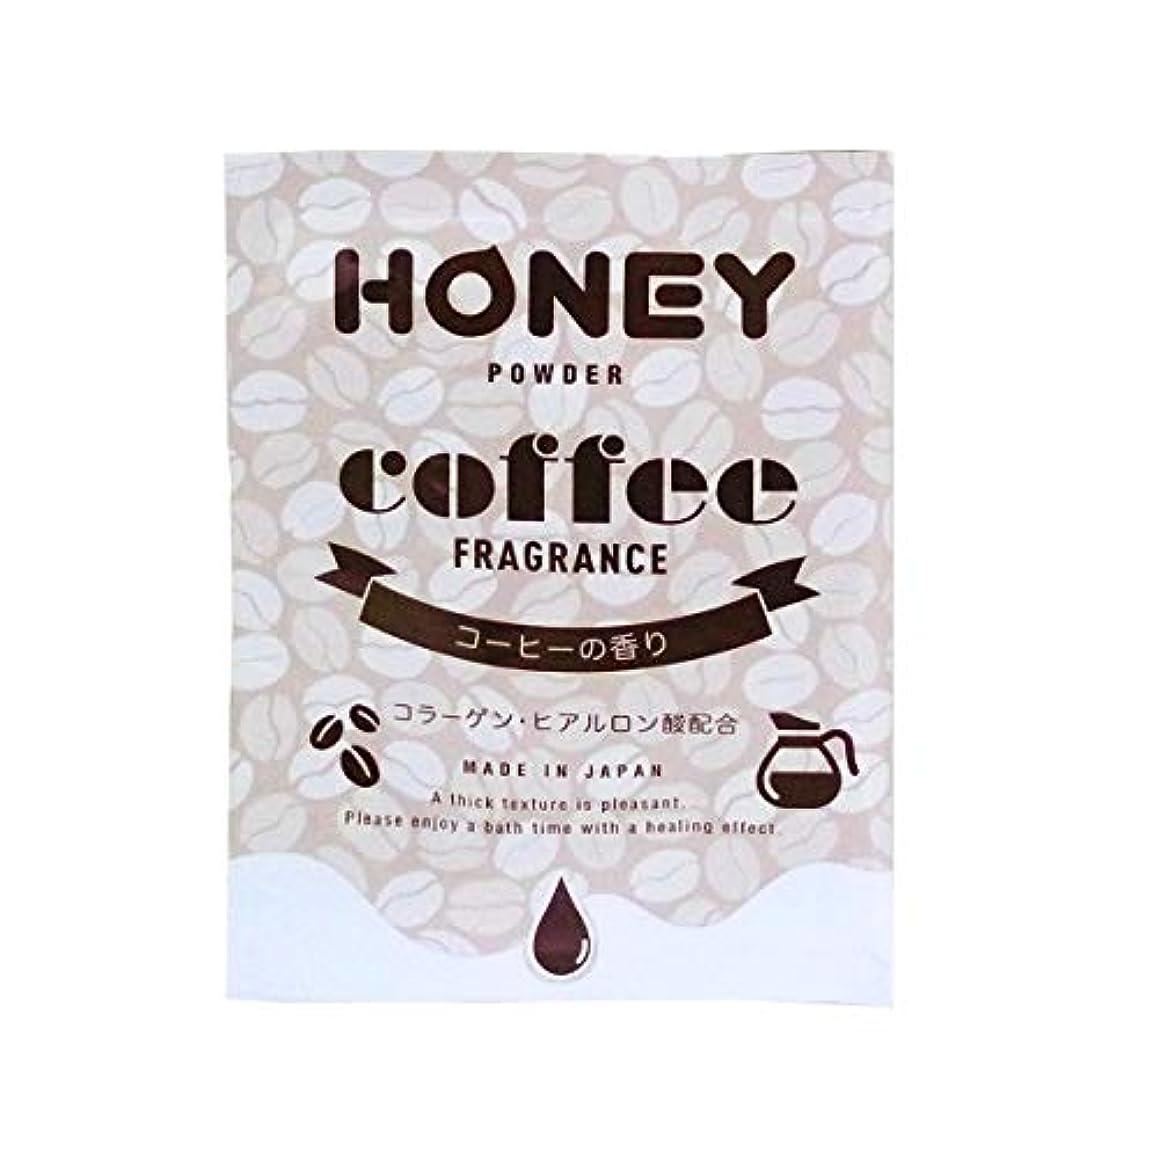 不良小道具本質的にとろとろ入浴剤【honey powder】(ハニーパウダー) コーヒーの香り 粉末タイプ ローション